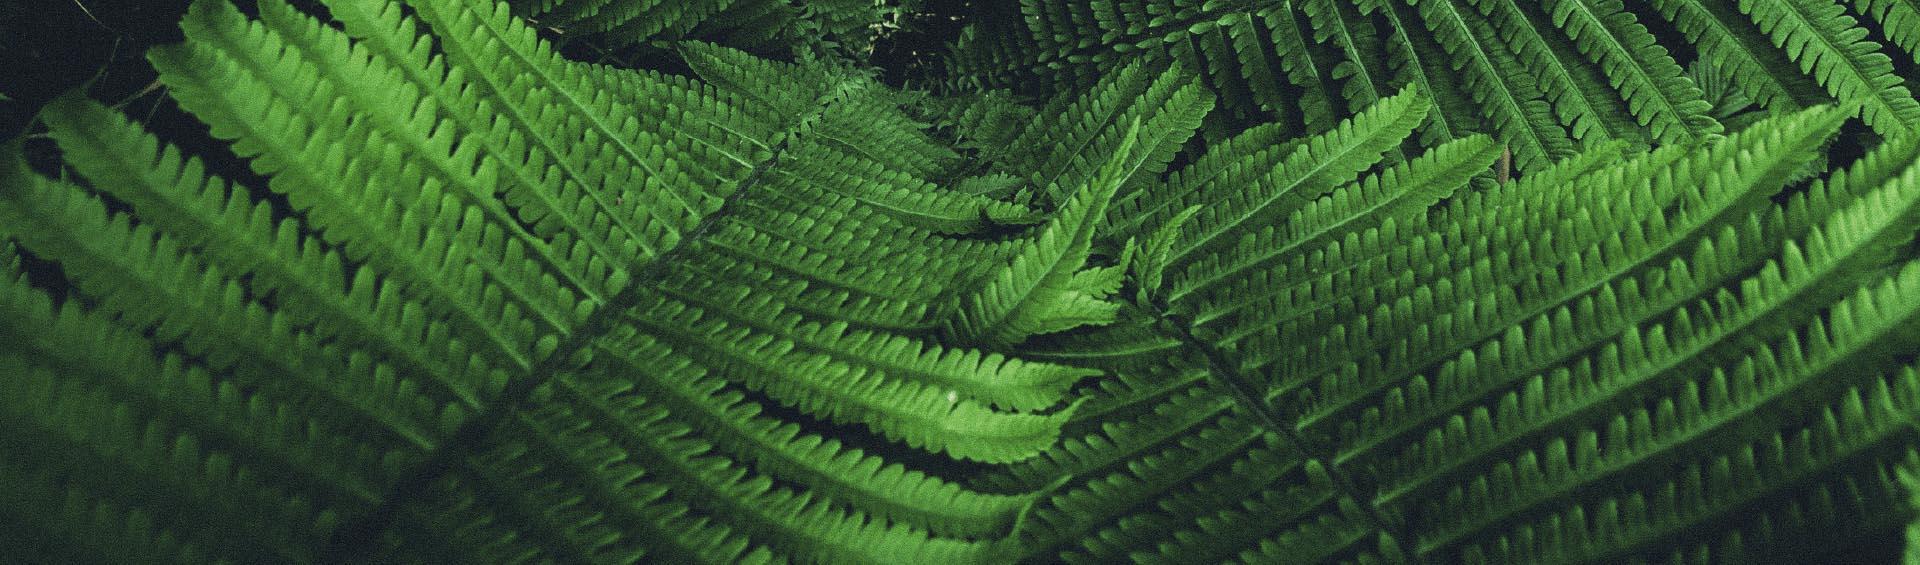 ecotelhado solucoes em bioconstrucao e arquitetura sustentavel